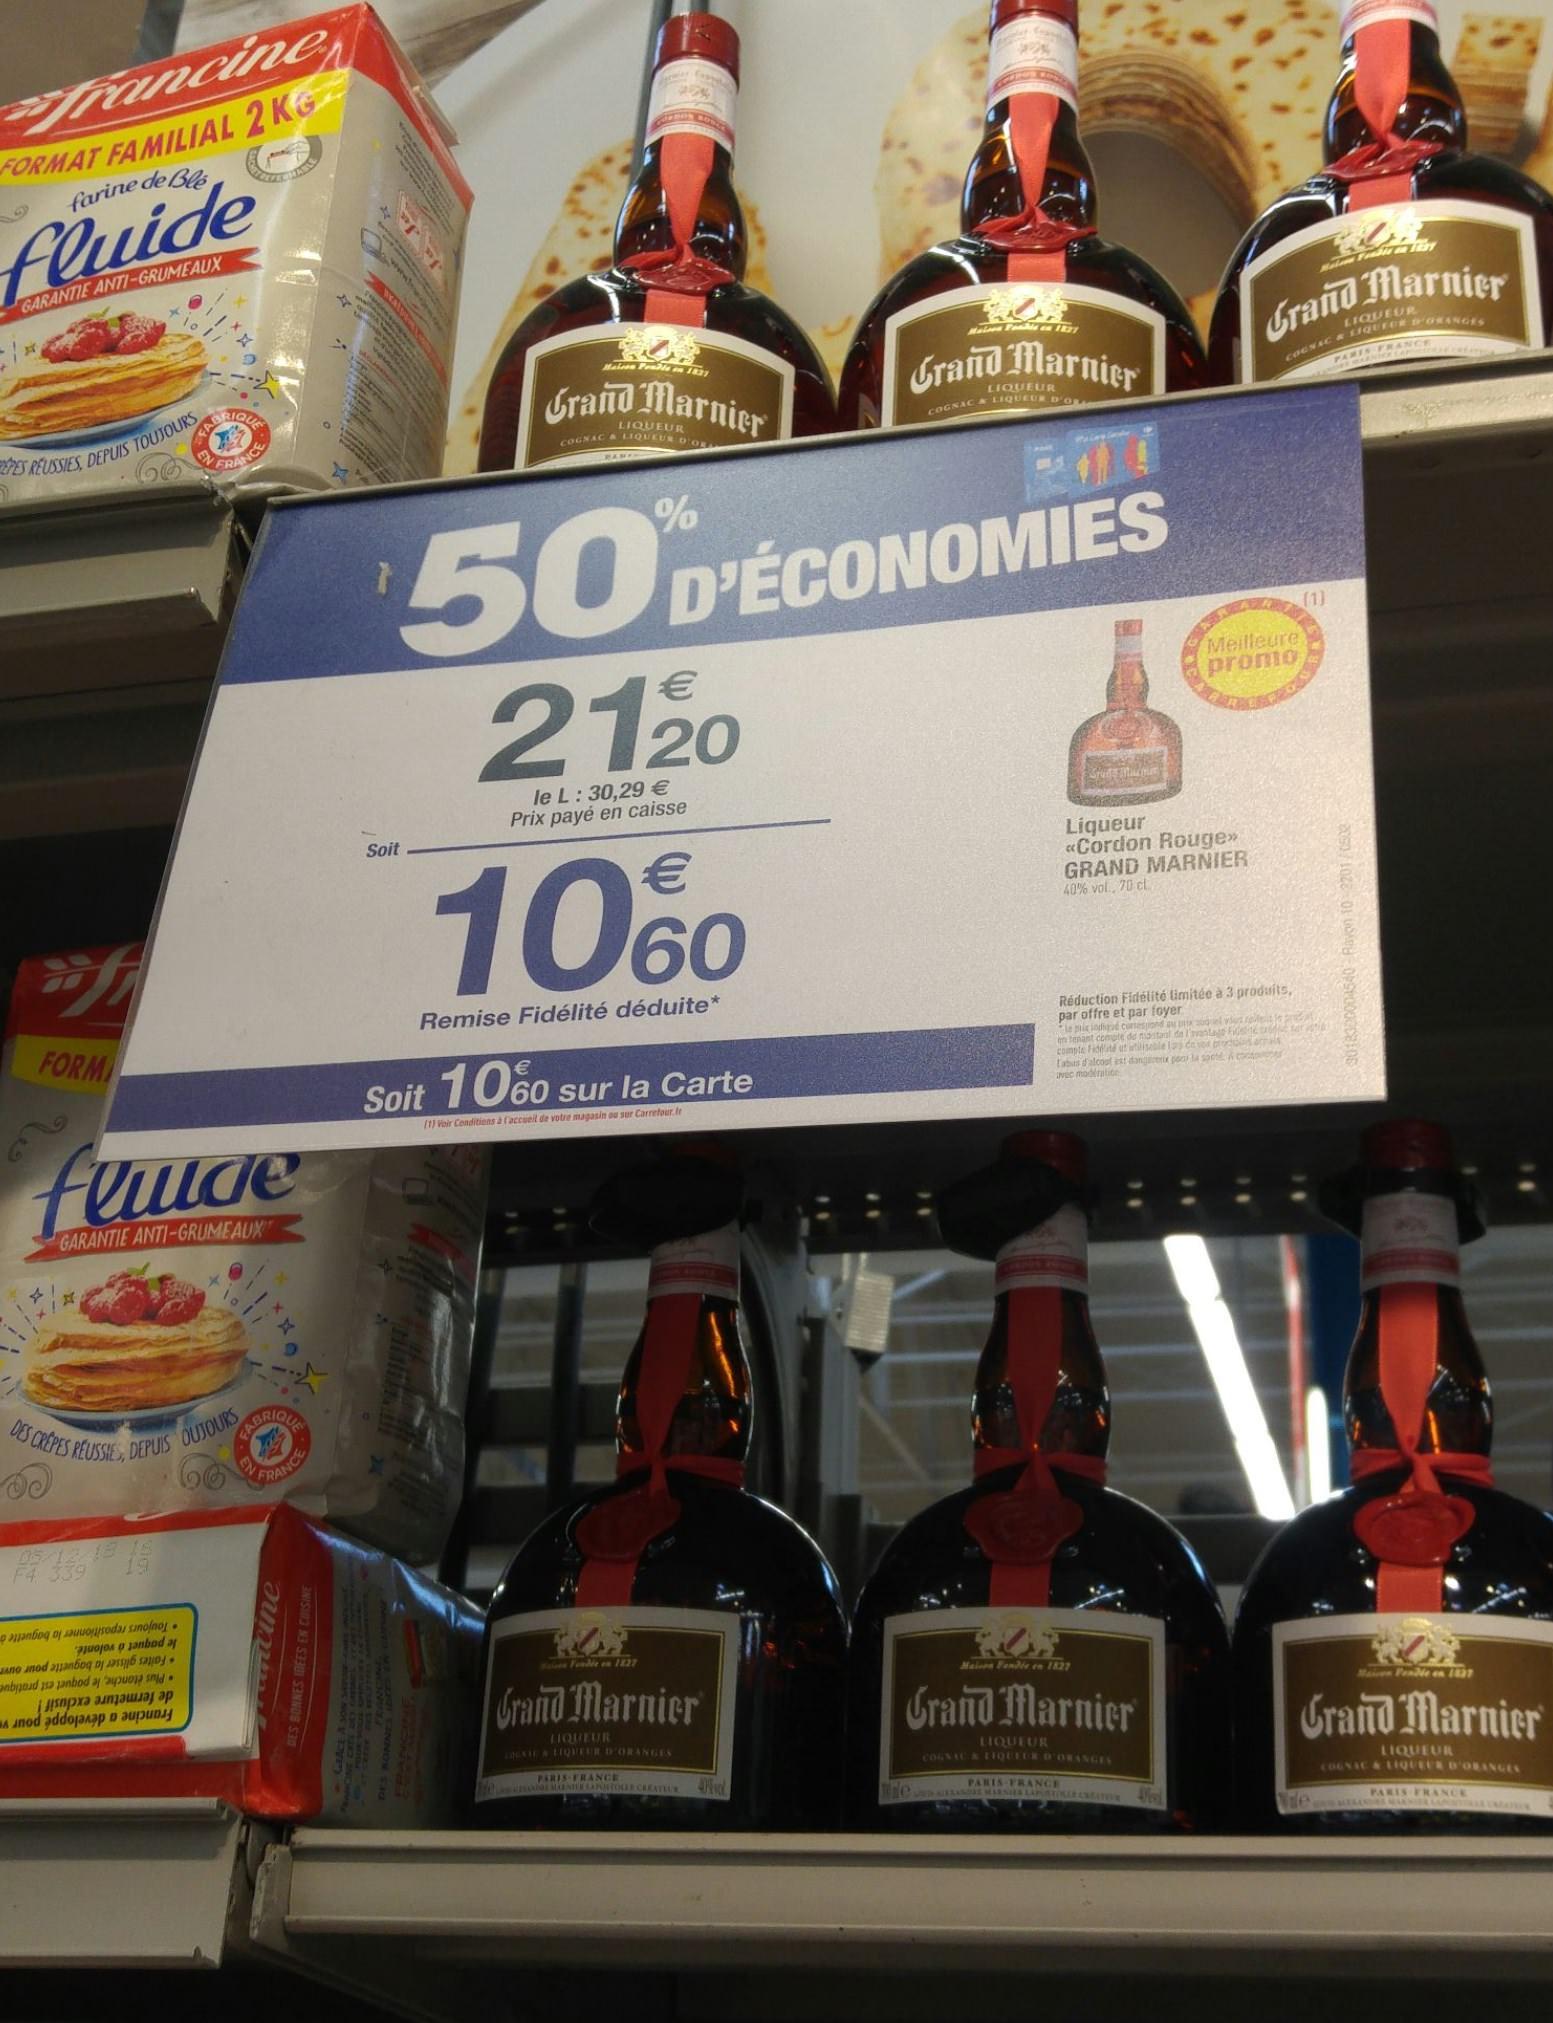 Bouteille de liqueur Grand Marnier - 70cl, Carrefour La pioline (13)